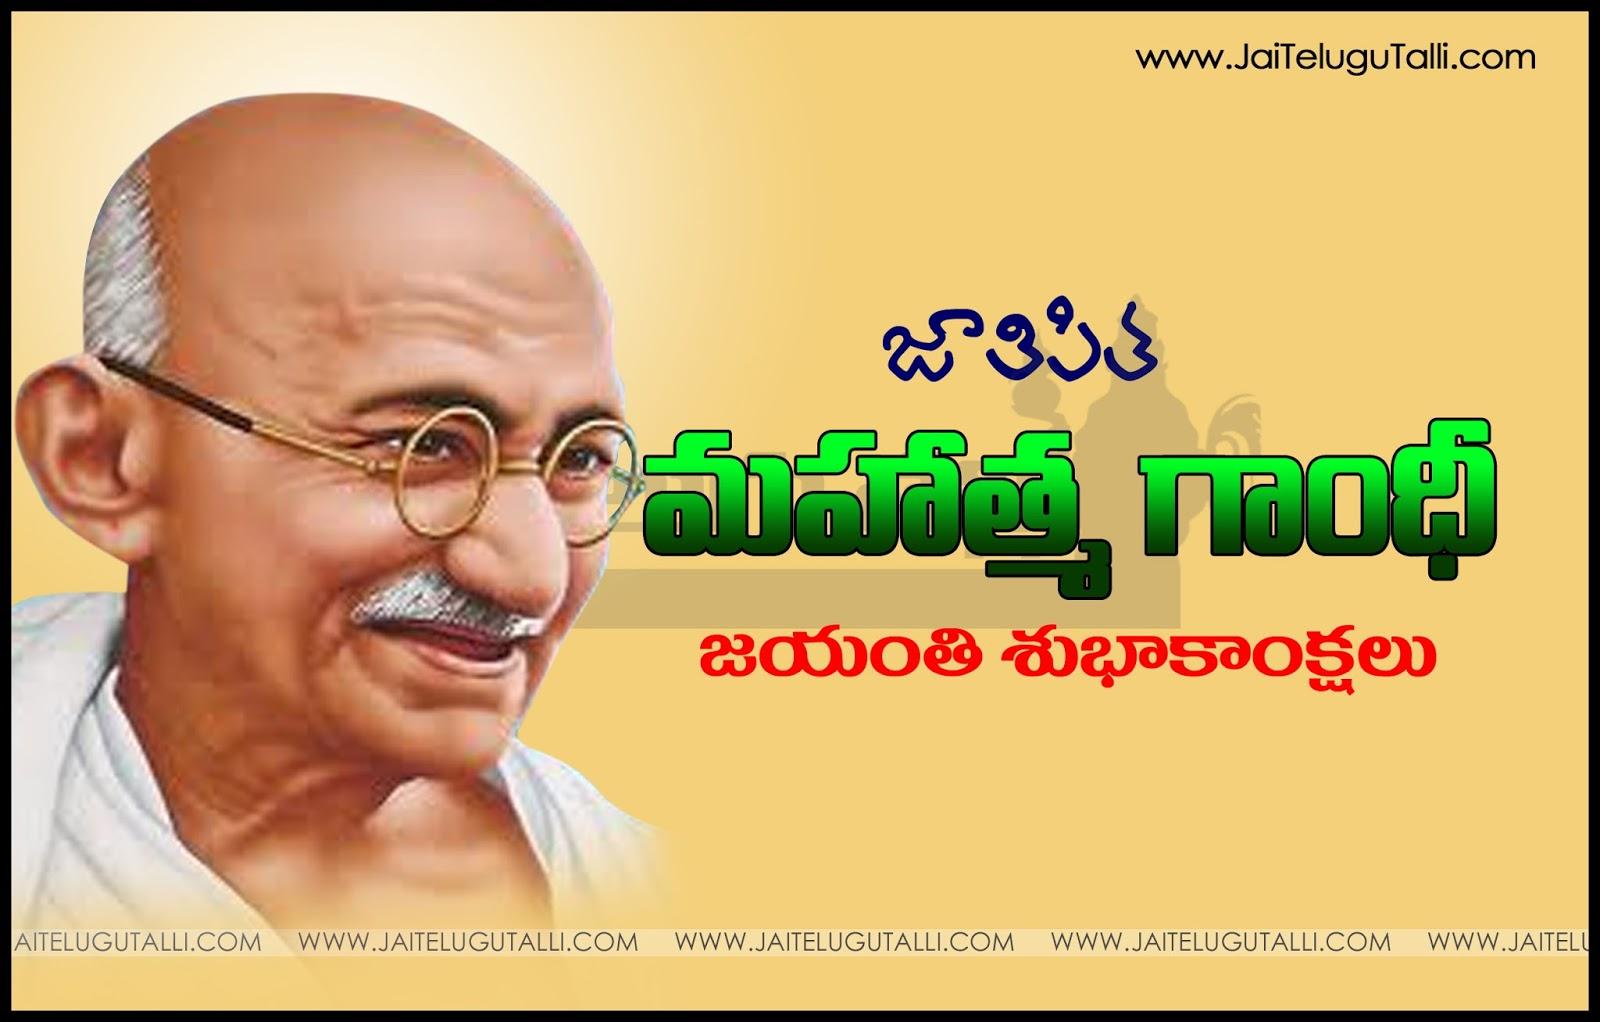 Gandhiji Jayanthi Greetings And Wallpapers Jaitelugutalli